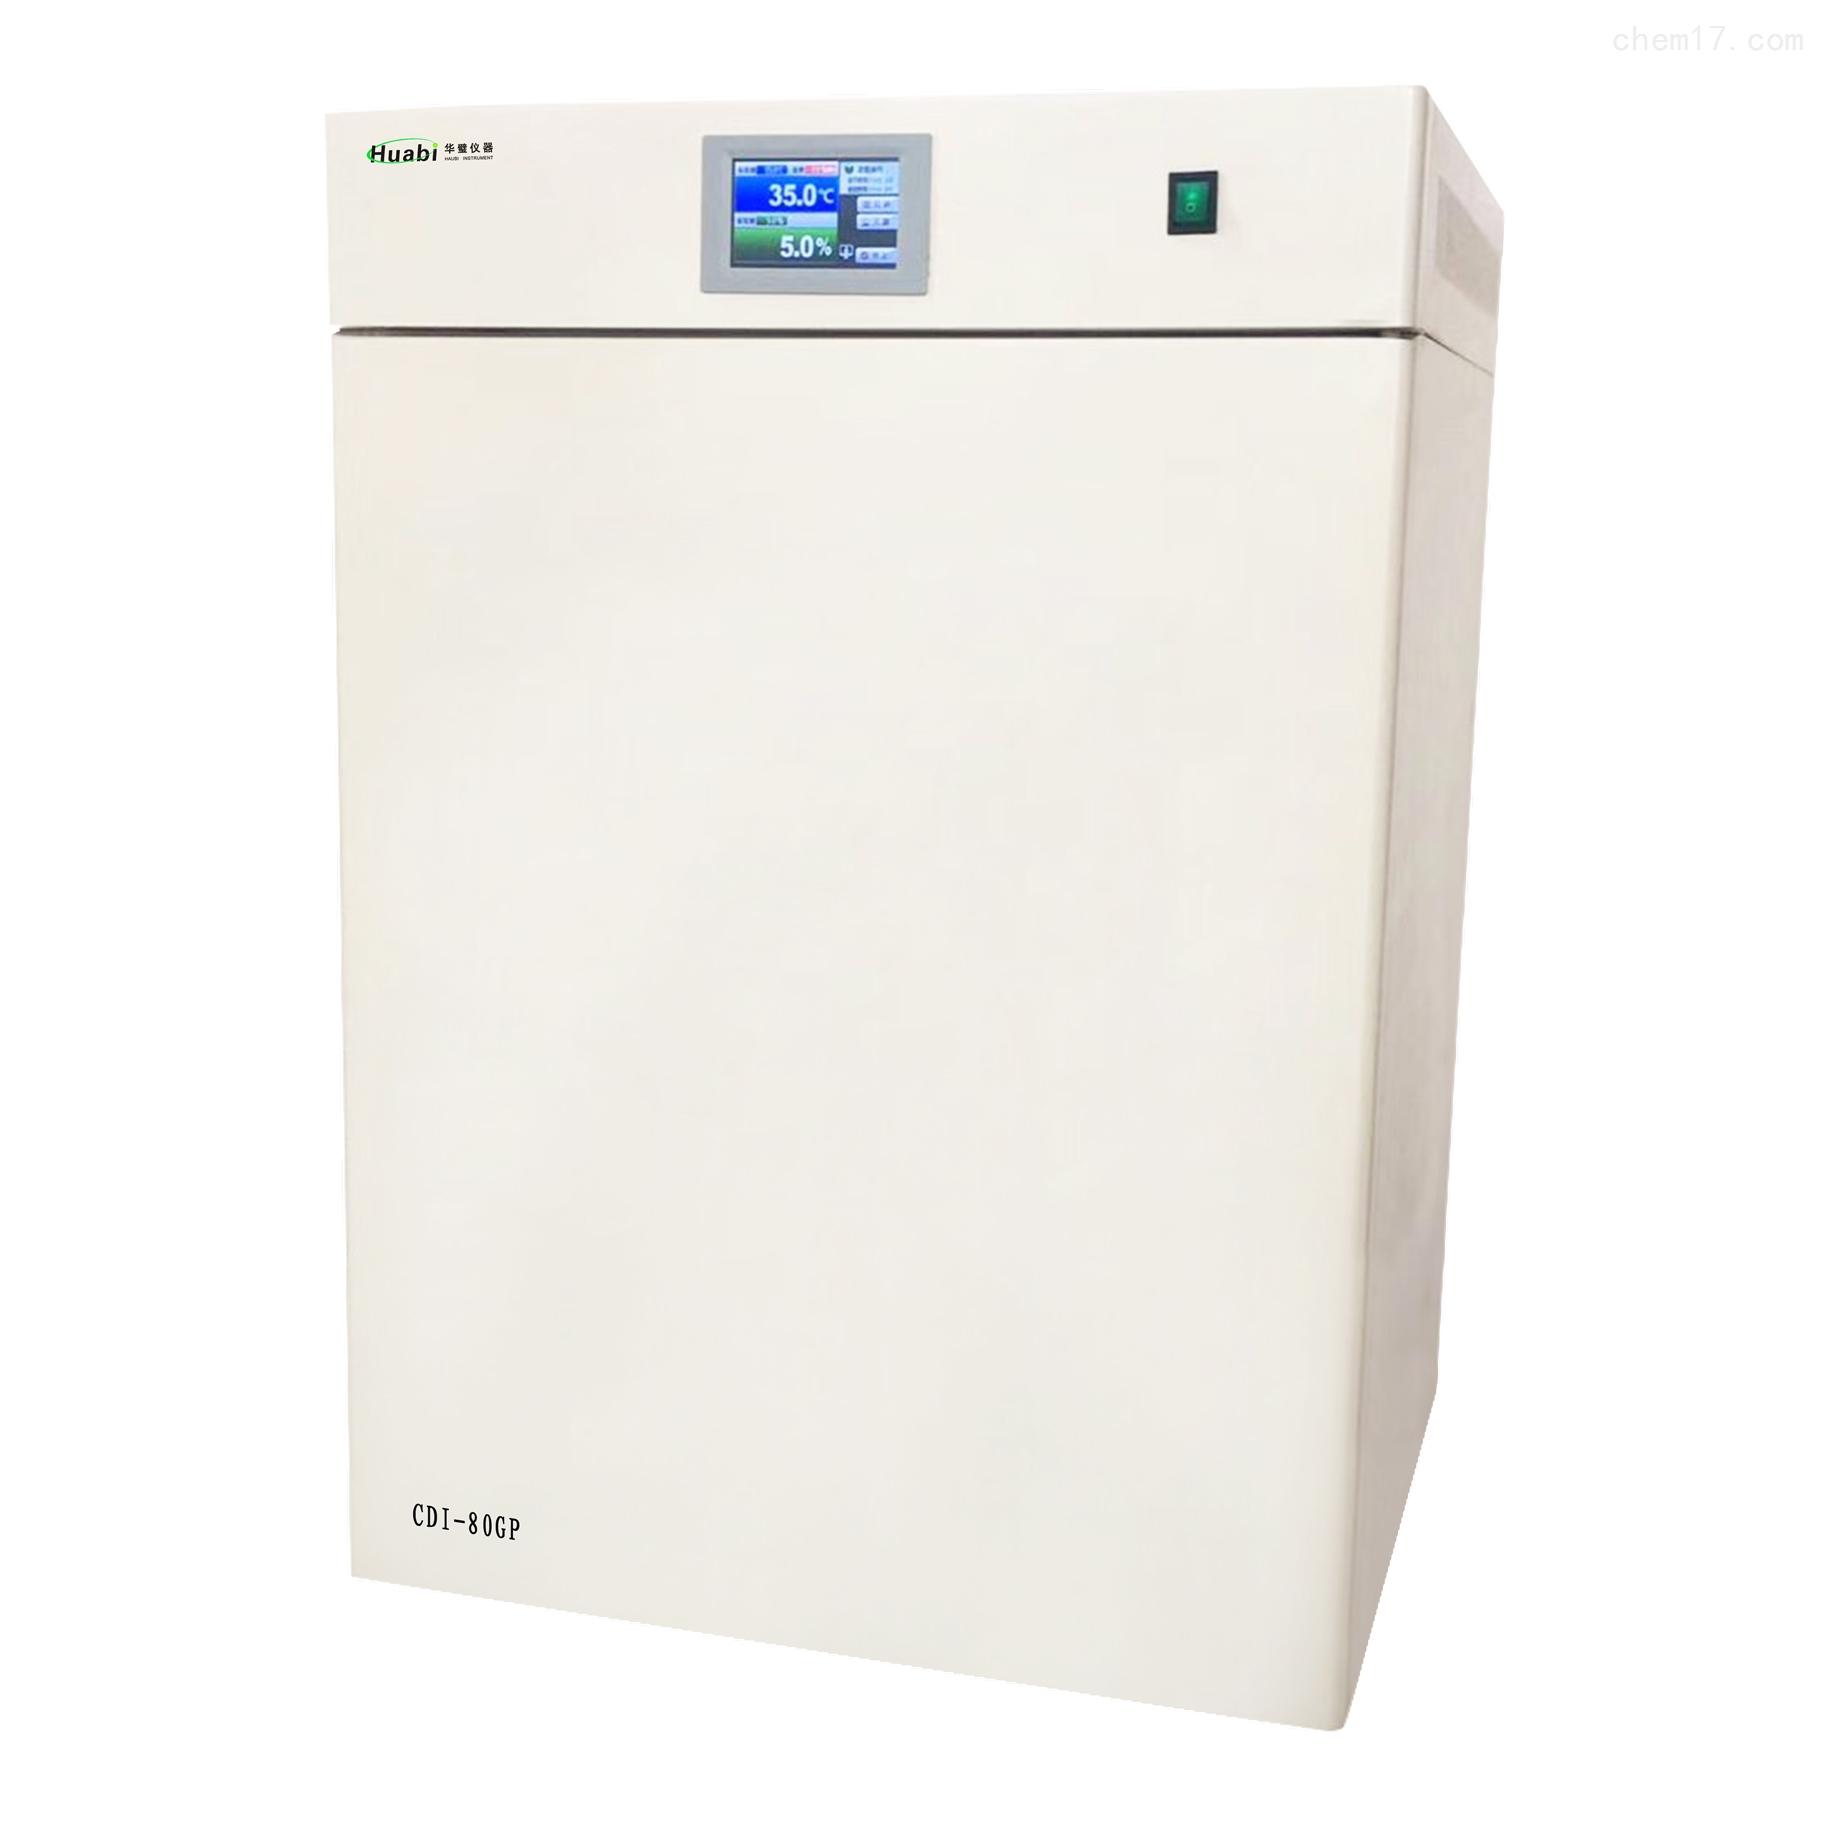 二氧化碳培养箱CDI-P系列